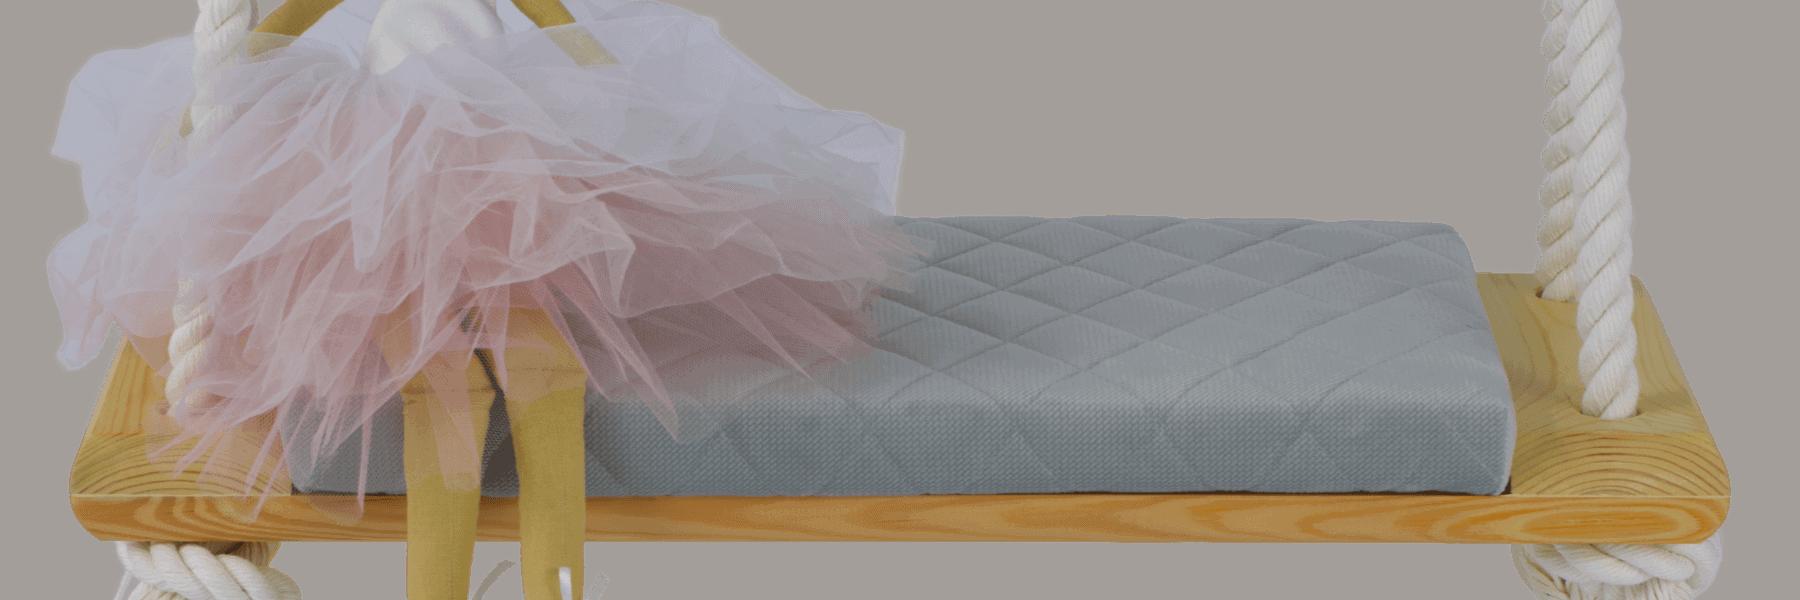 Schaukel Comfort+ – Pink, Naturel